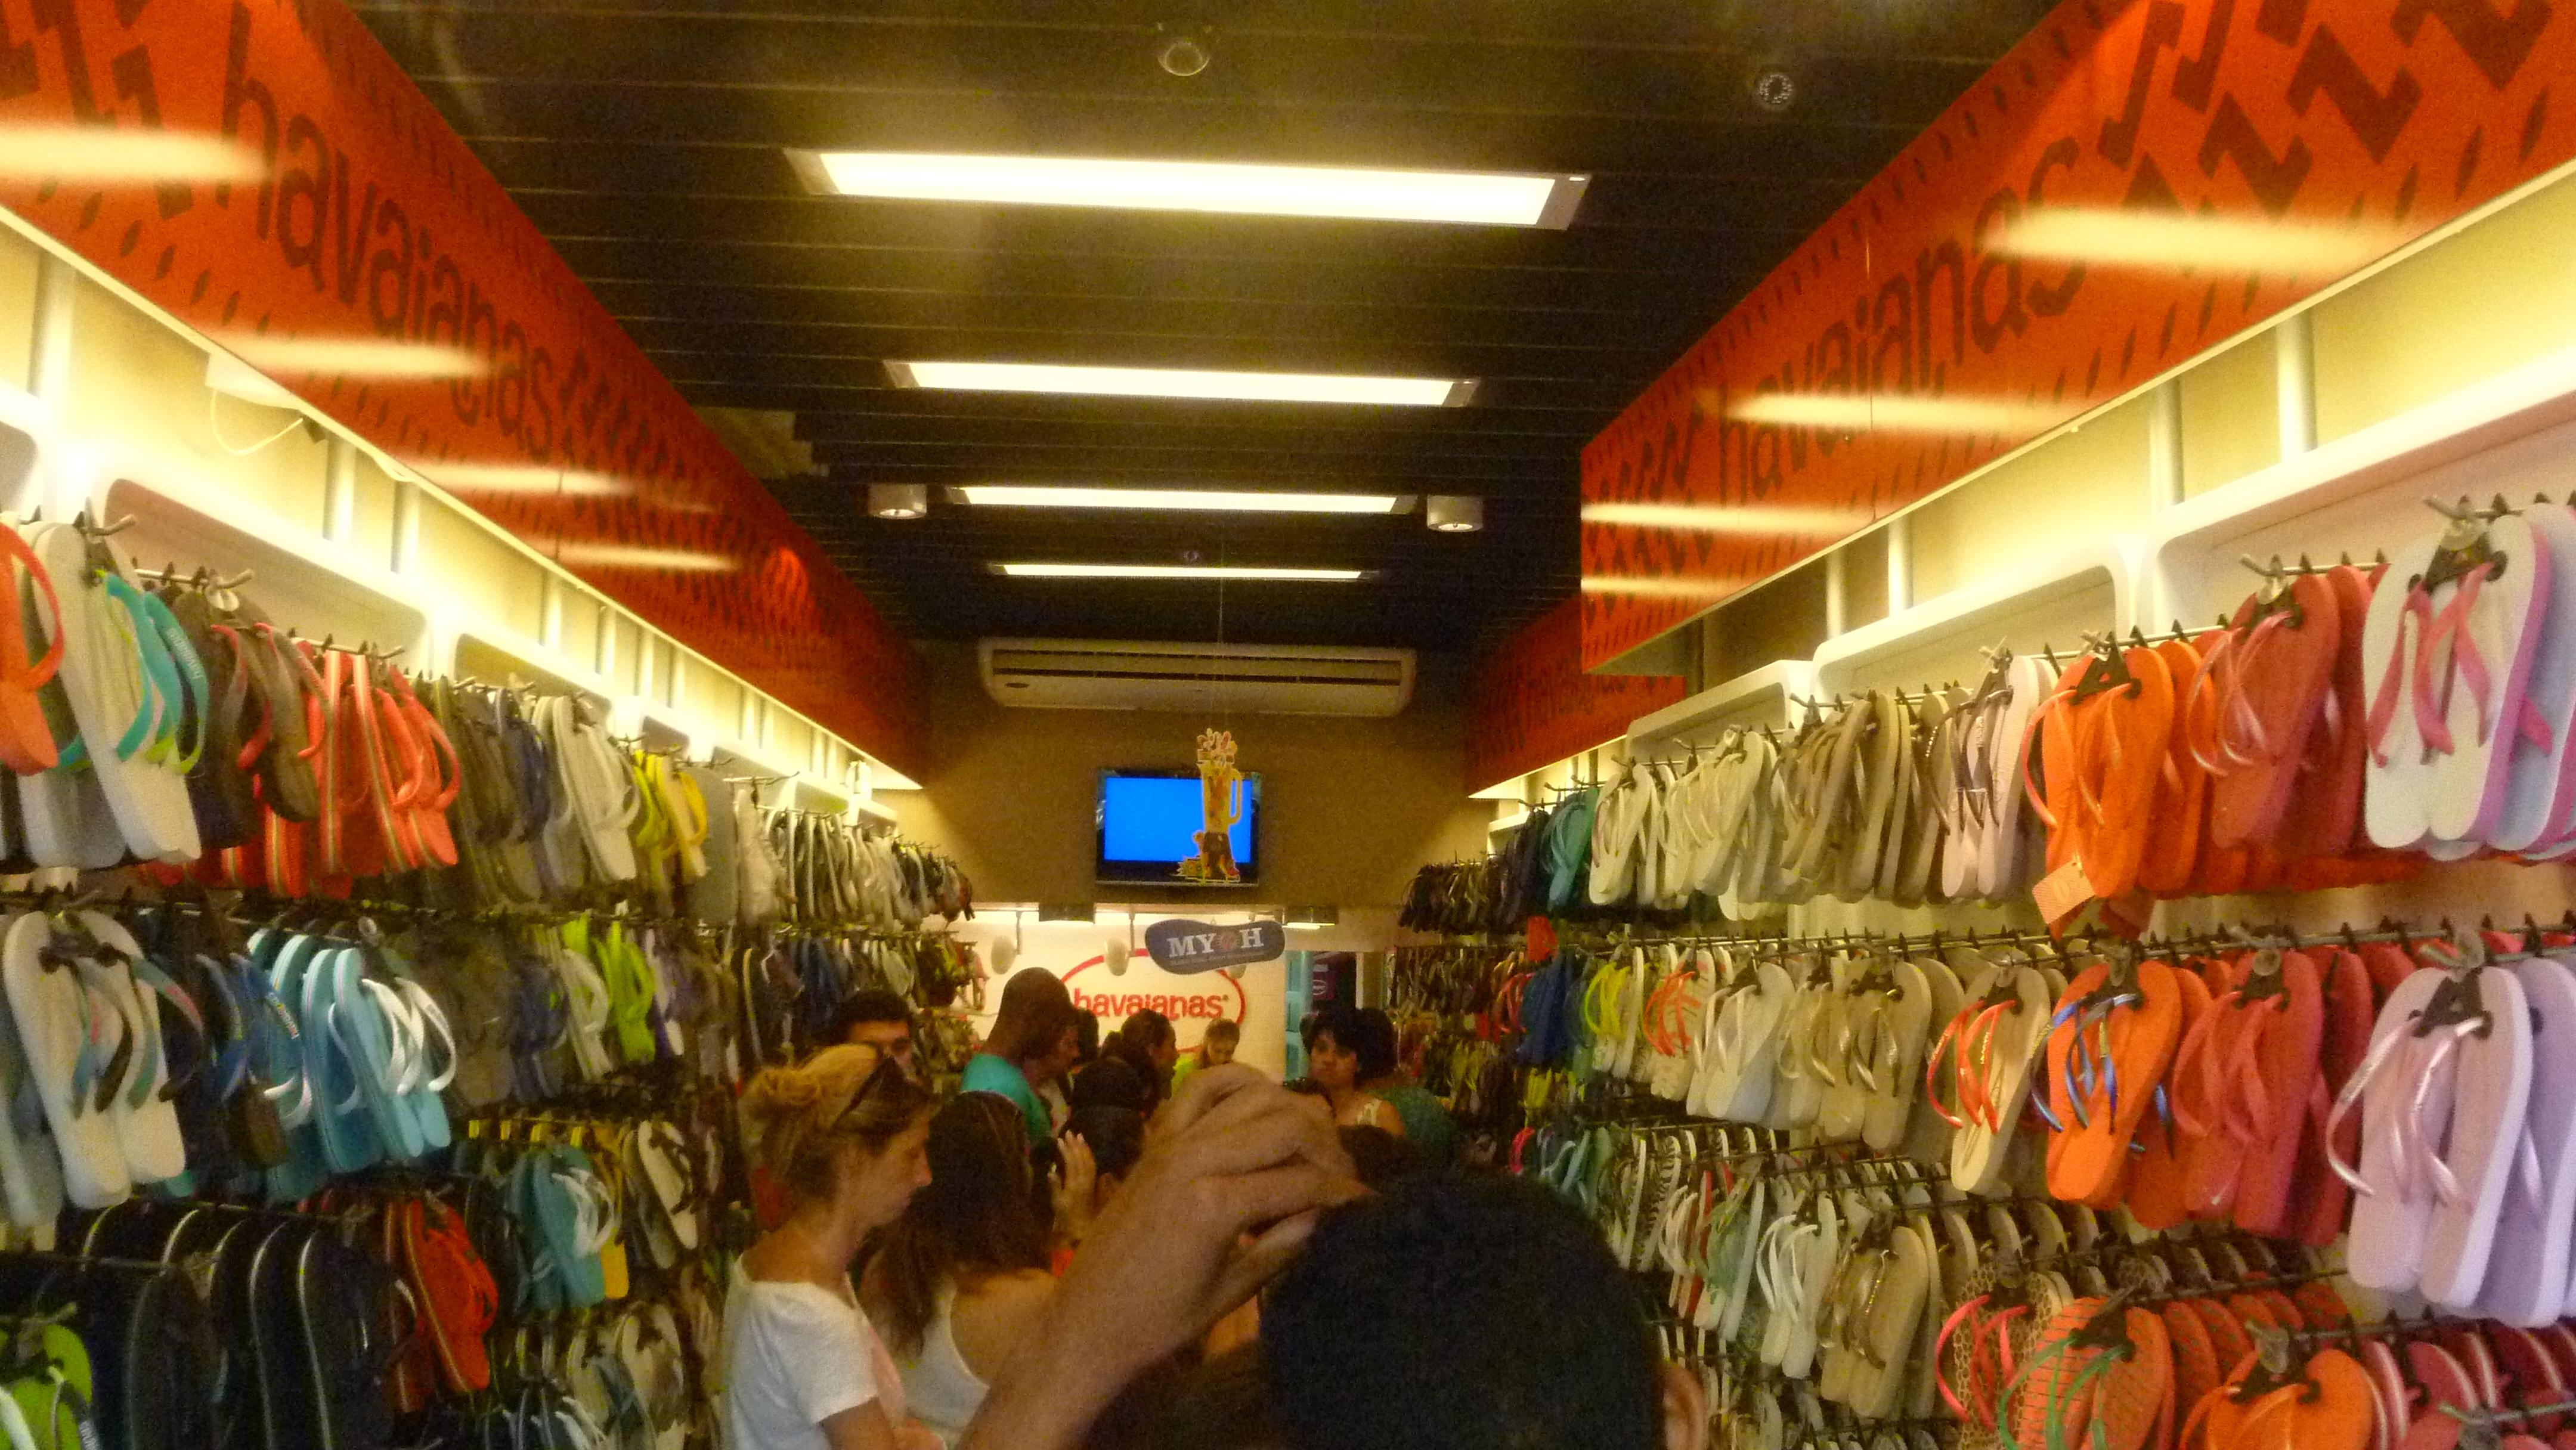 havaianas store in rio